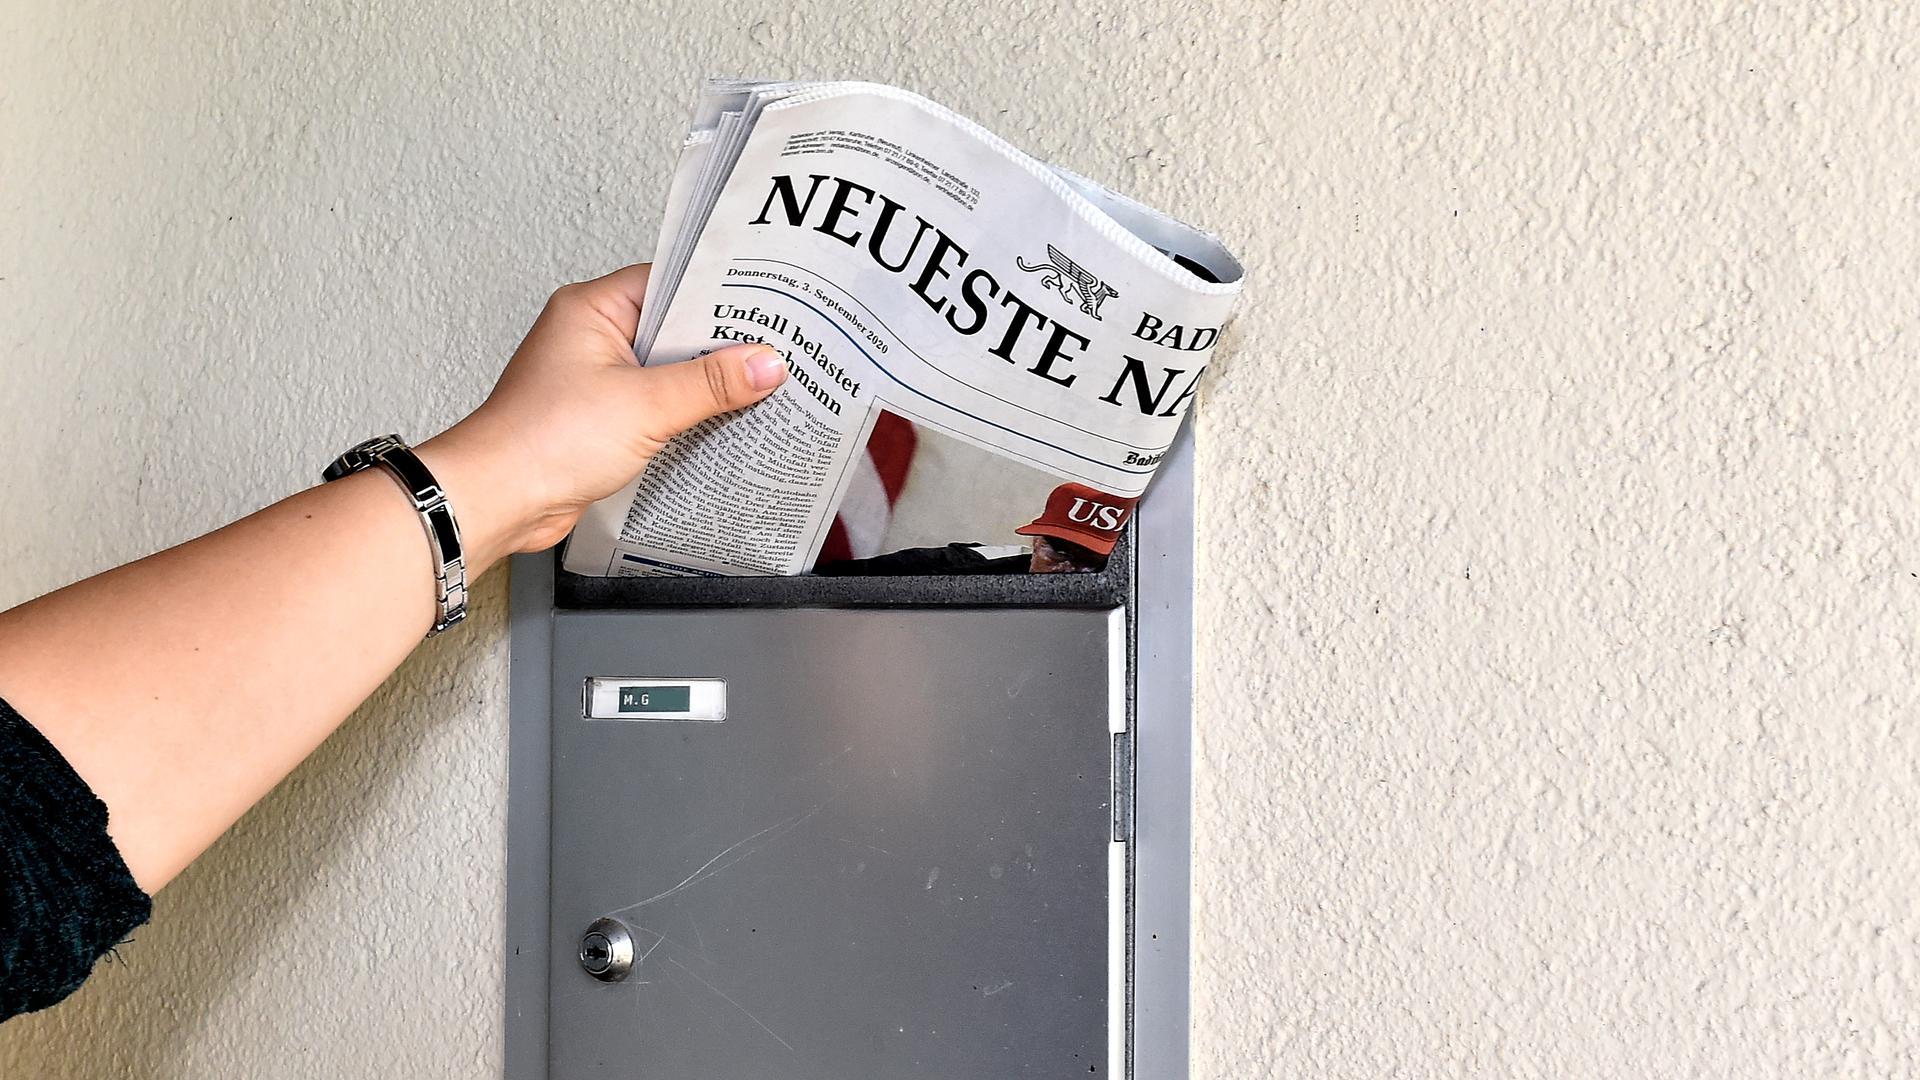 Nach Redaktionsschluss: Nachtbetrieb bei den Badischen Neueste Nachrichten - von der Plattenherstellung zum Druck und anschließend in den Versand mit Auslieferung